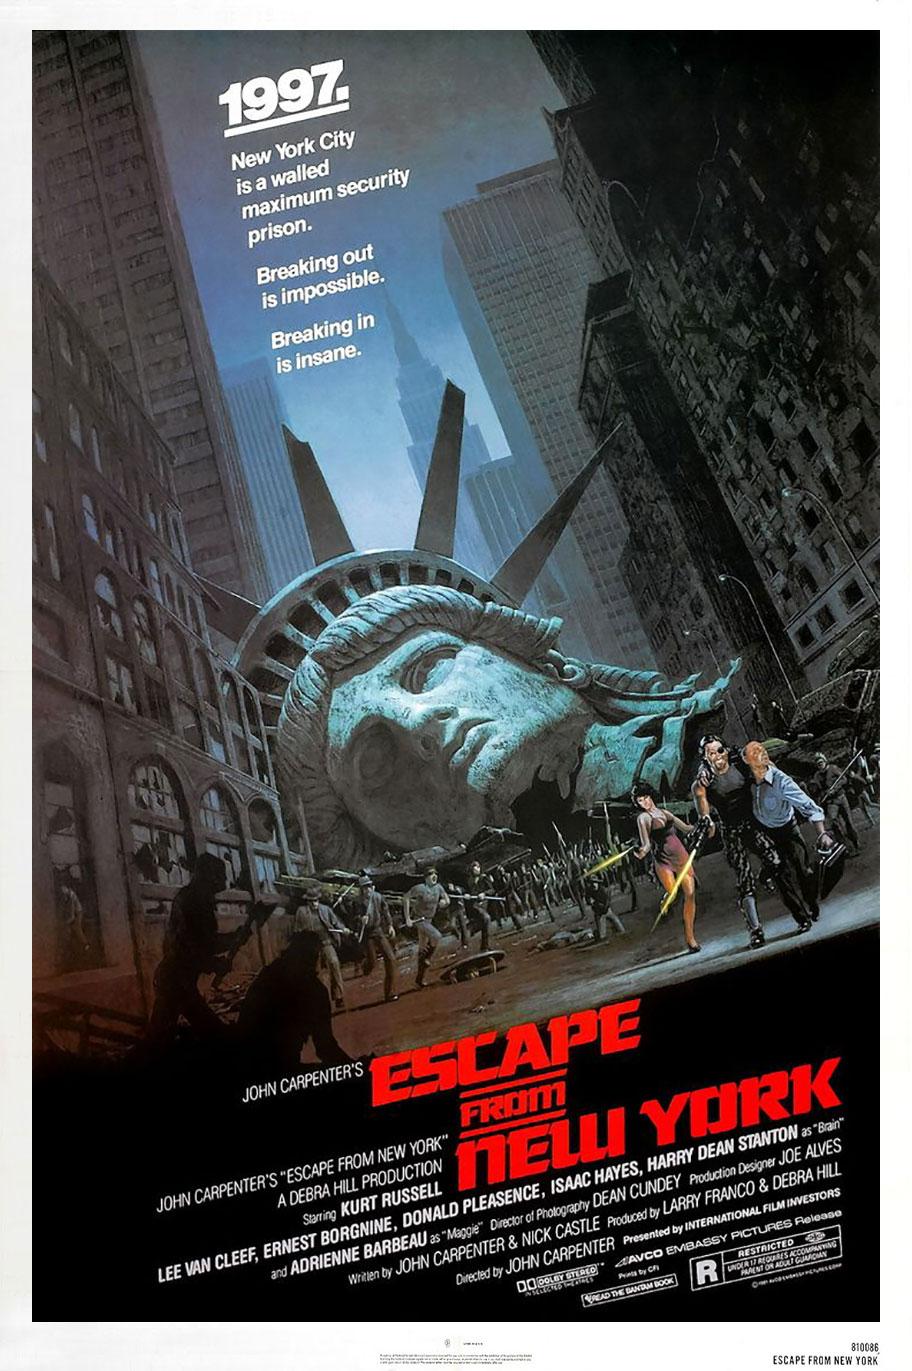 john-carpenter-escape-from-new-york-poster.jpg